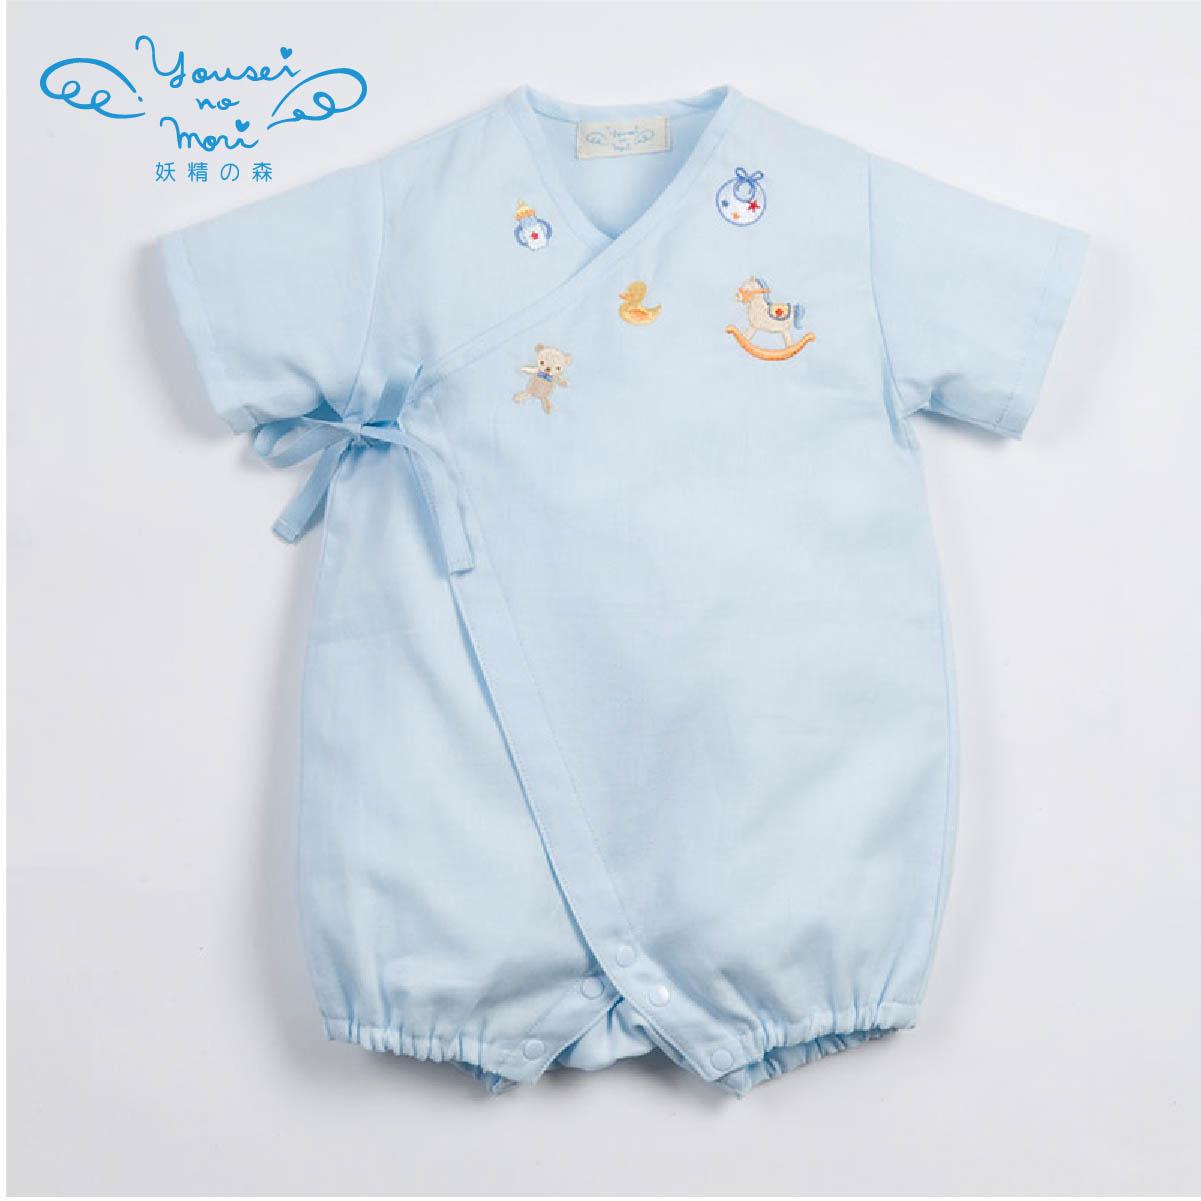 ガーゼグレコ(ブルー・ピンク) YH125/YH126(ベビー服)